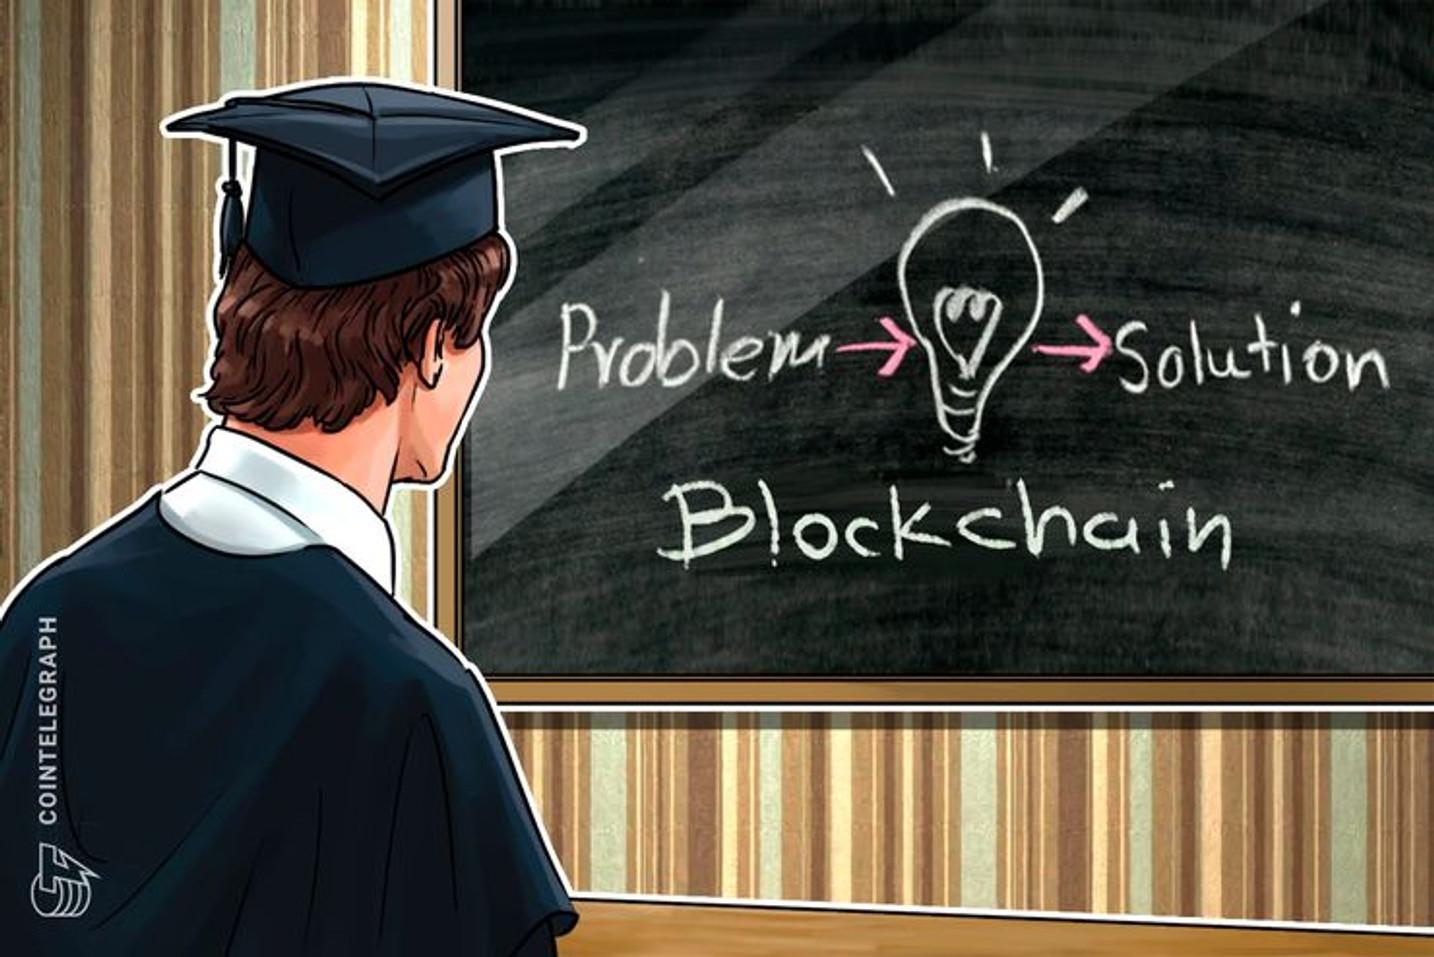 Dictarán un seminario sobre Blockchain en la Universidad de Oviedo